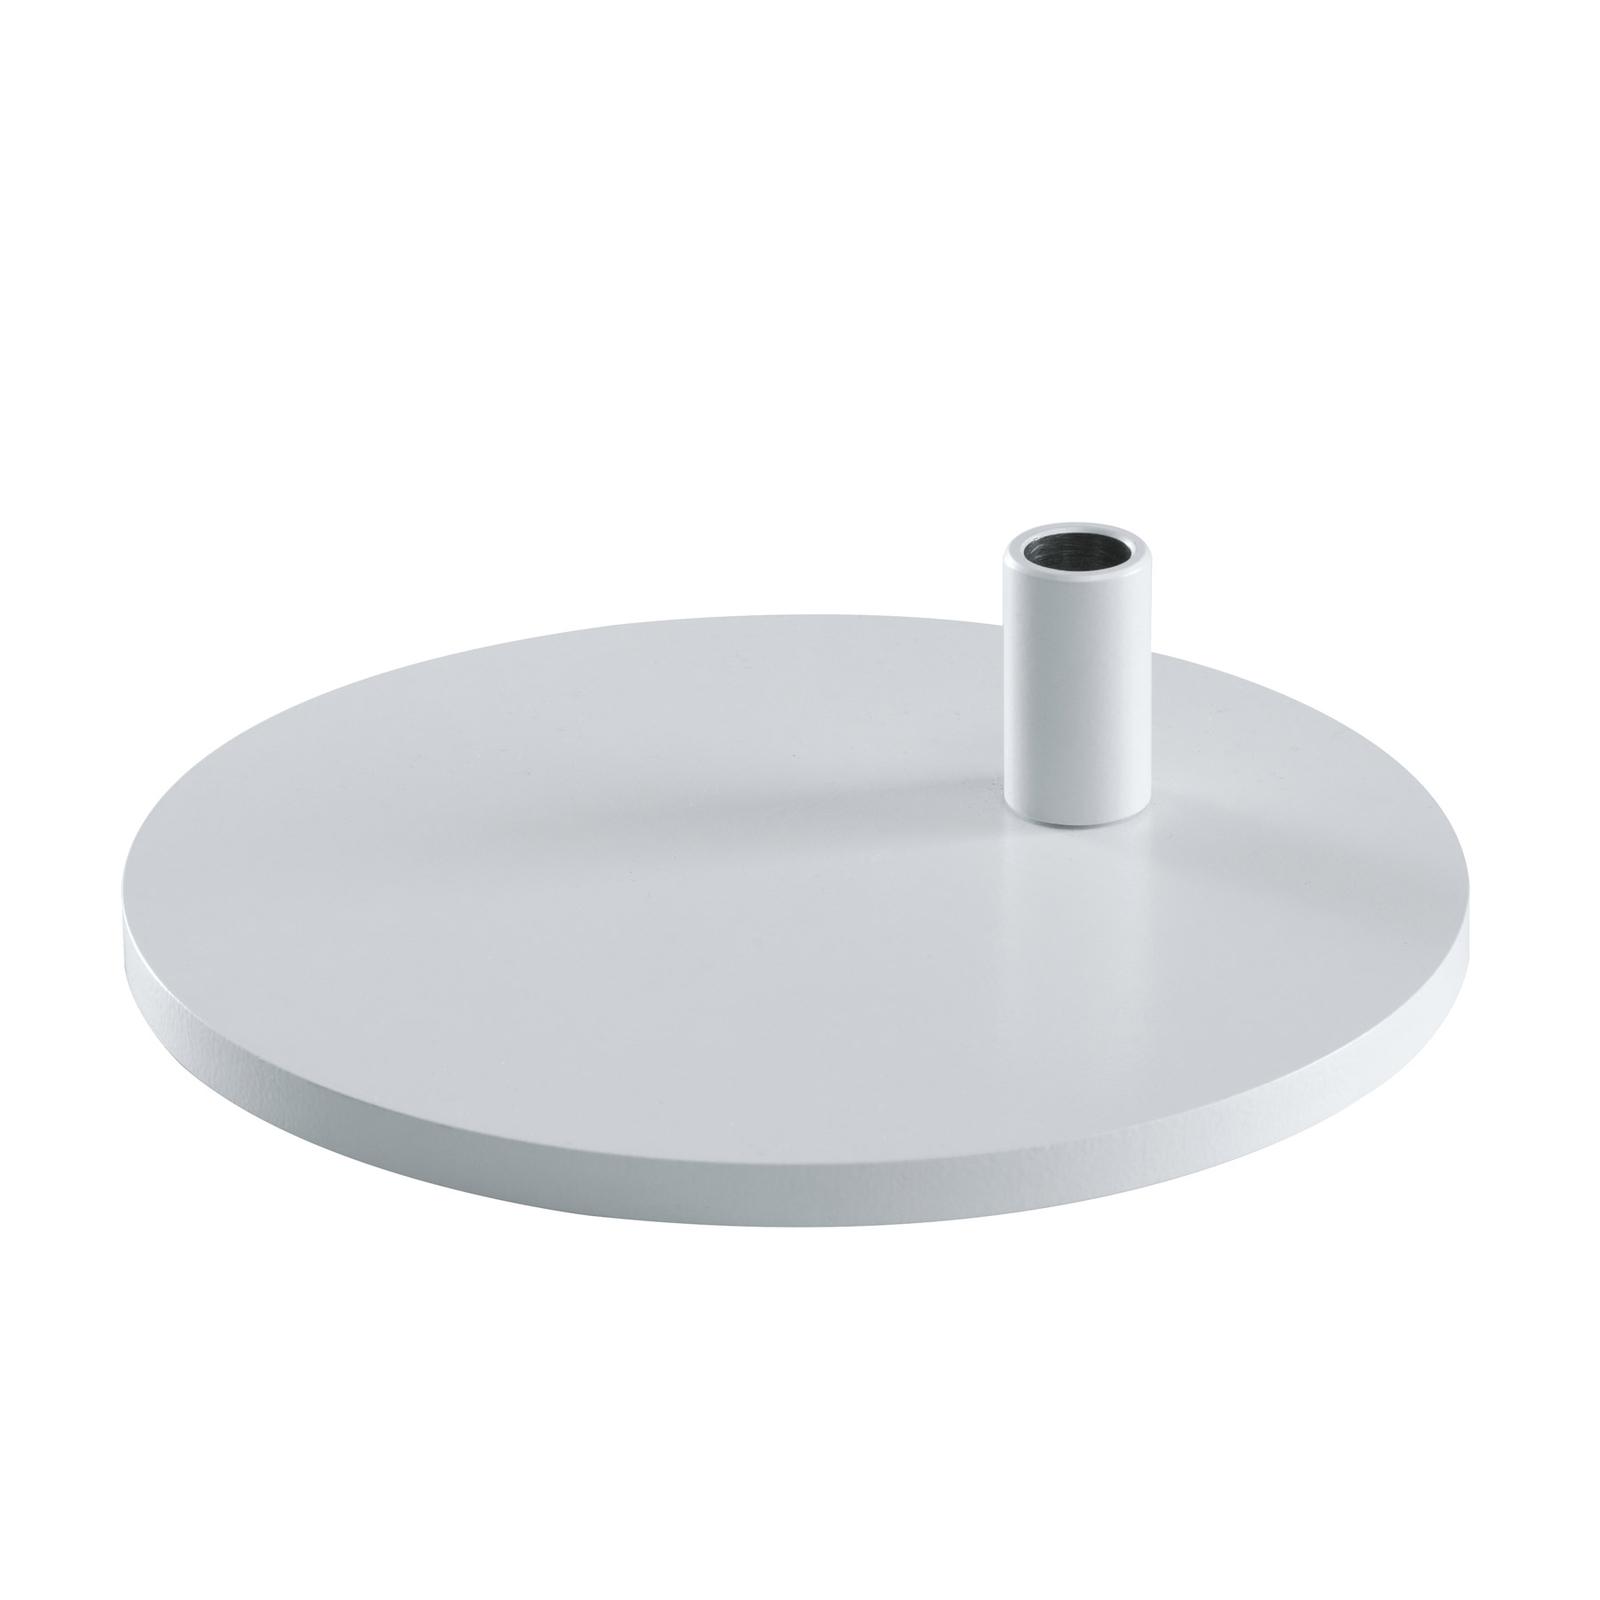 PARA.MI FTL bordfod, rund, hvid